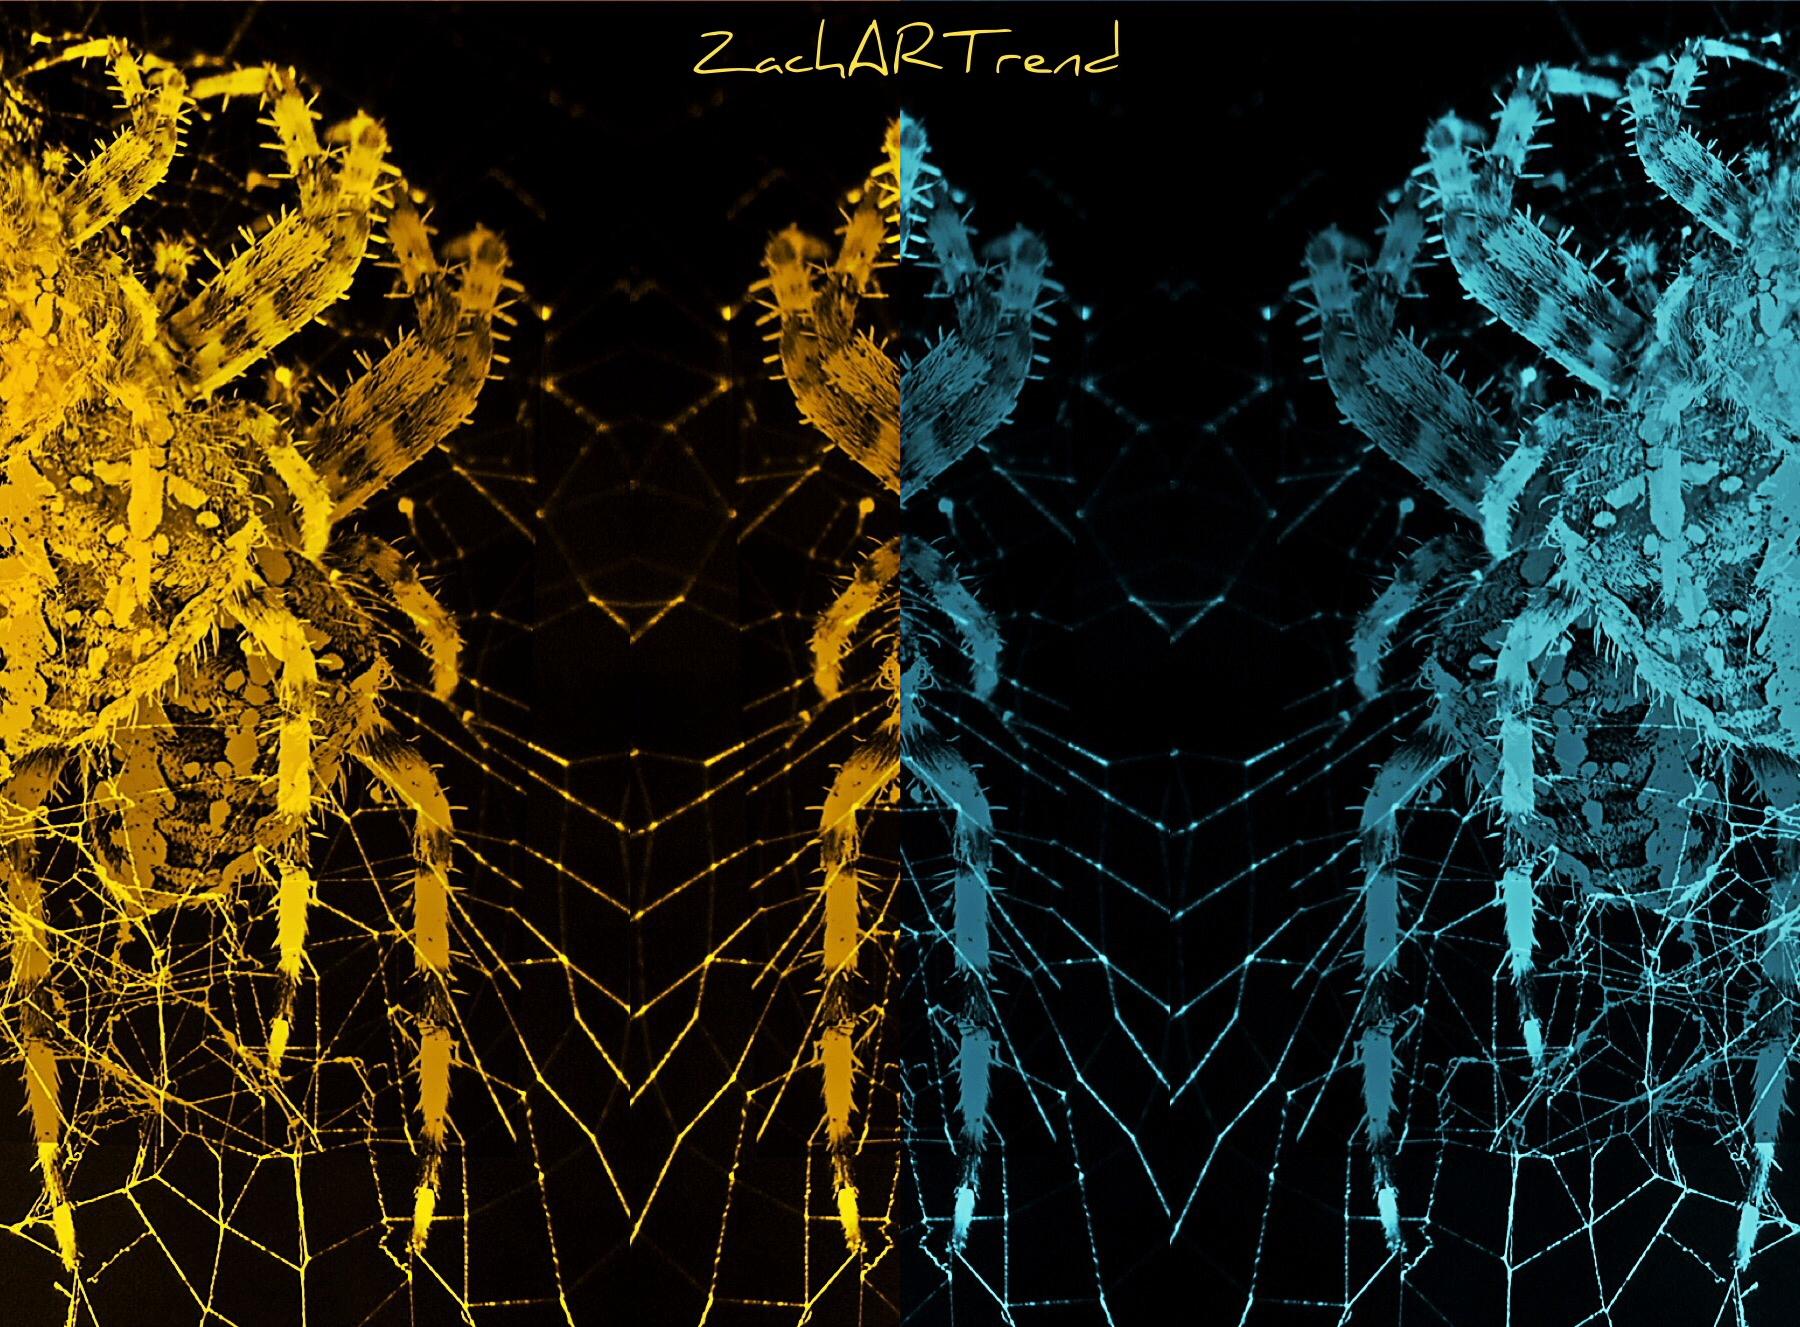 Rita Zachar (@zachartrend) Cover Image